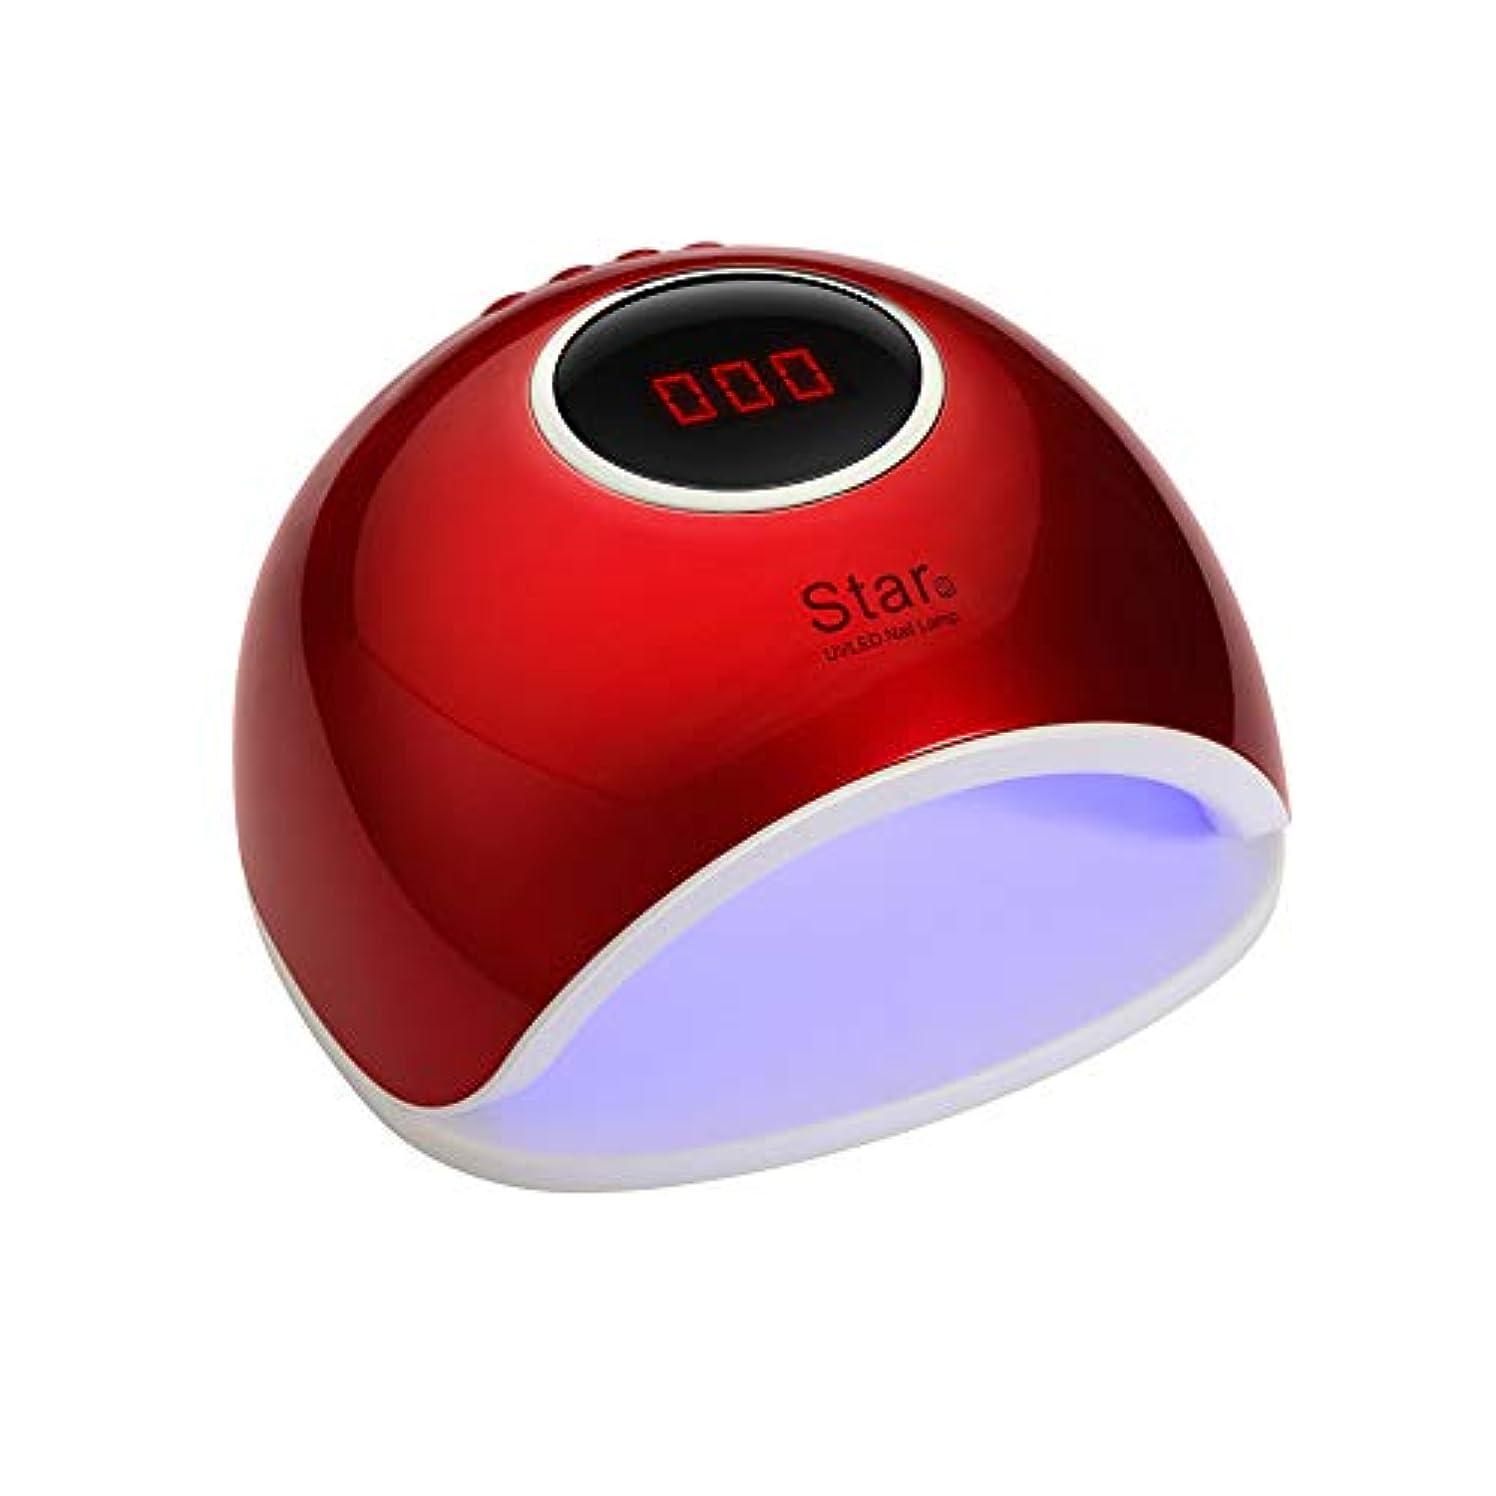 民間人自体名前を作るネイルランプ処理機72ワットインテリジェント誘導無痛マニキュアグルーランプベーキングランプインテリジェント誘導ランプ速乾性ドライヤー